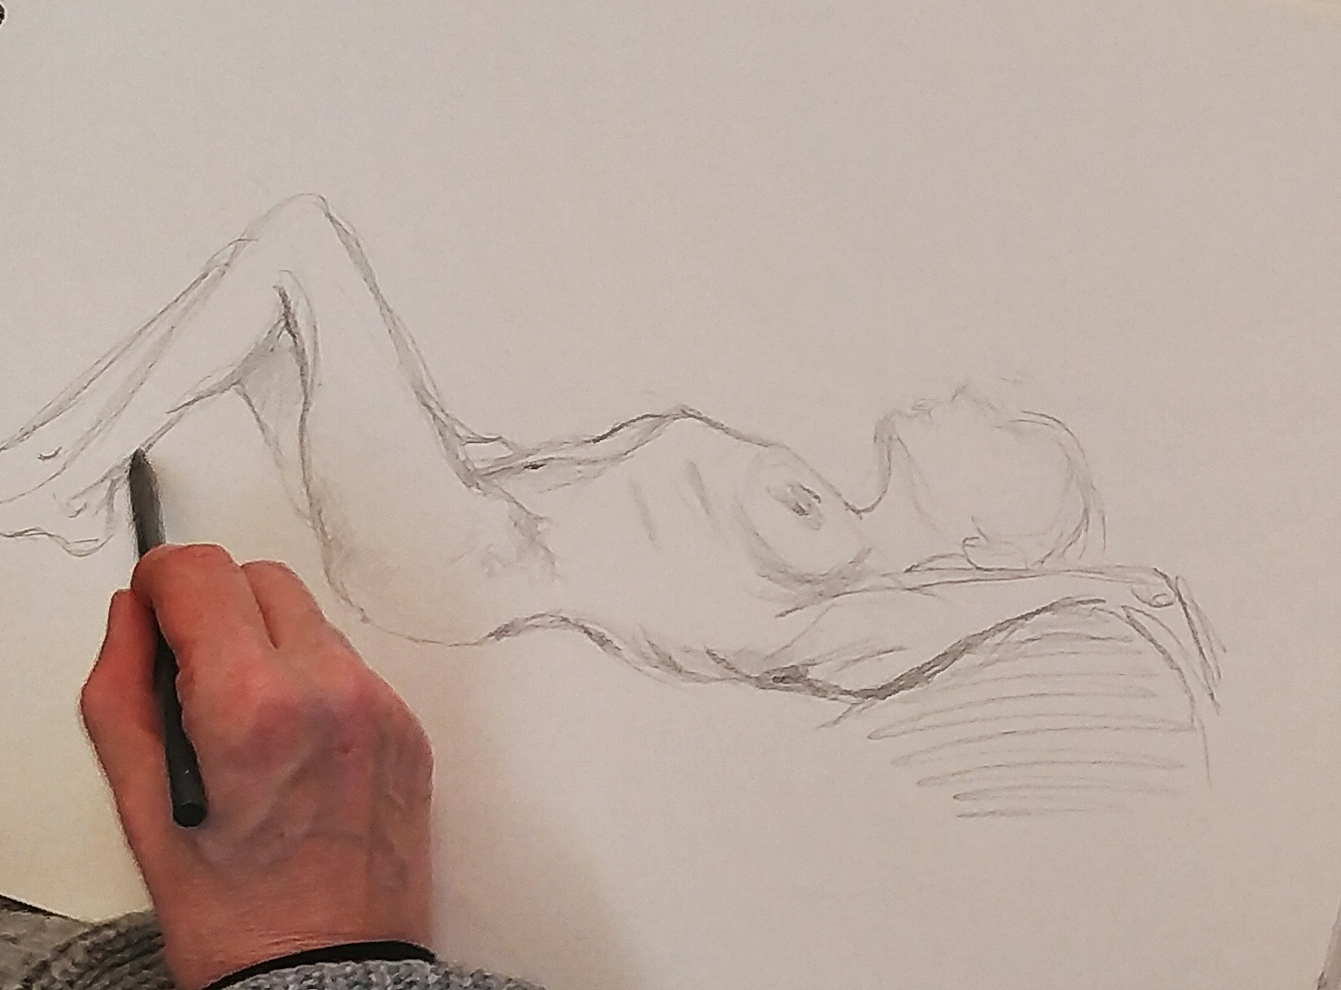 Dessins Esquisse mine de plomb sur papier  cours de dessin